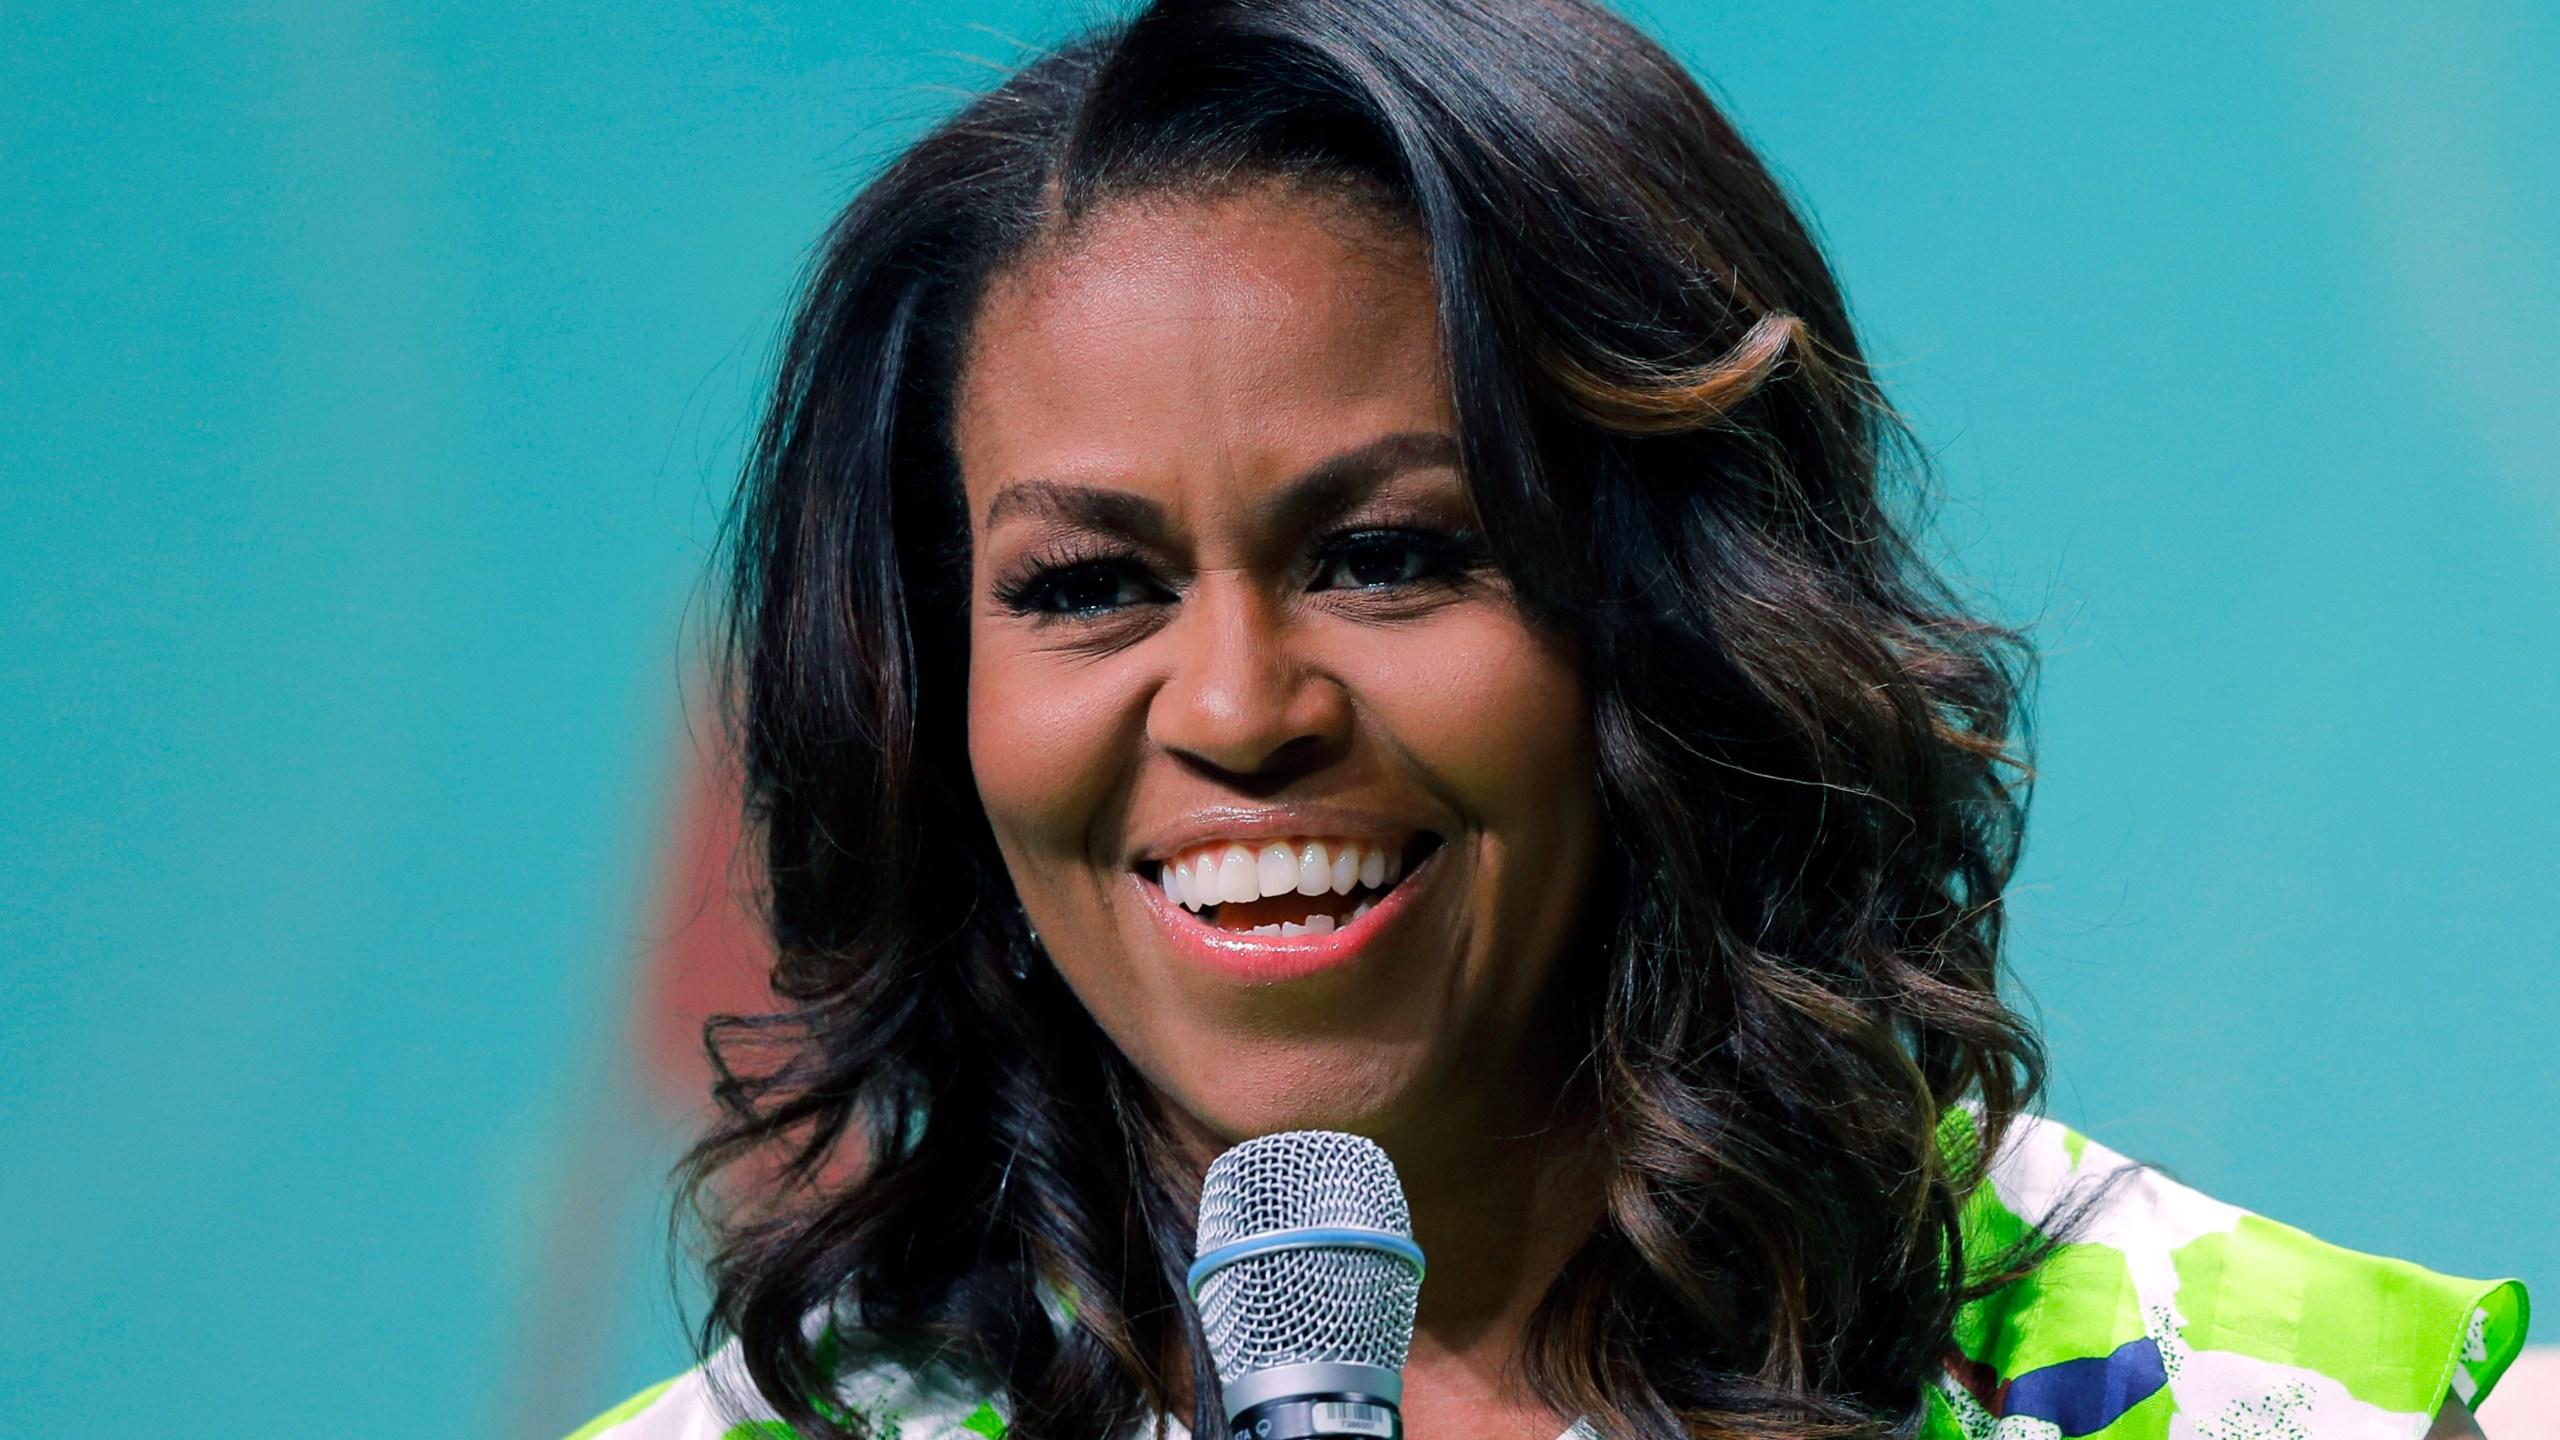 Michelle_Obama_13856-159532.jpg43661078